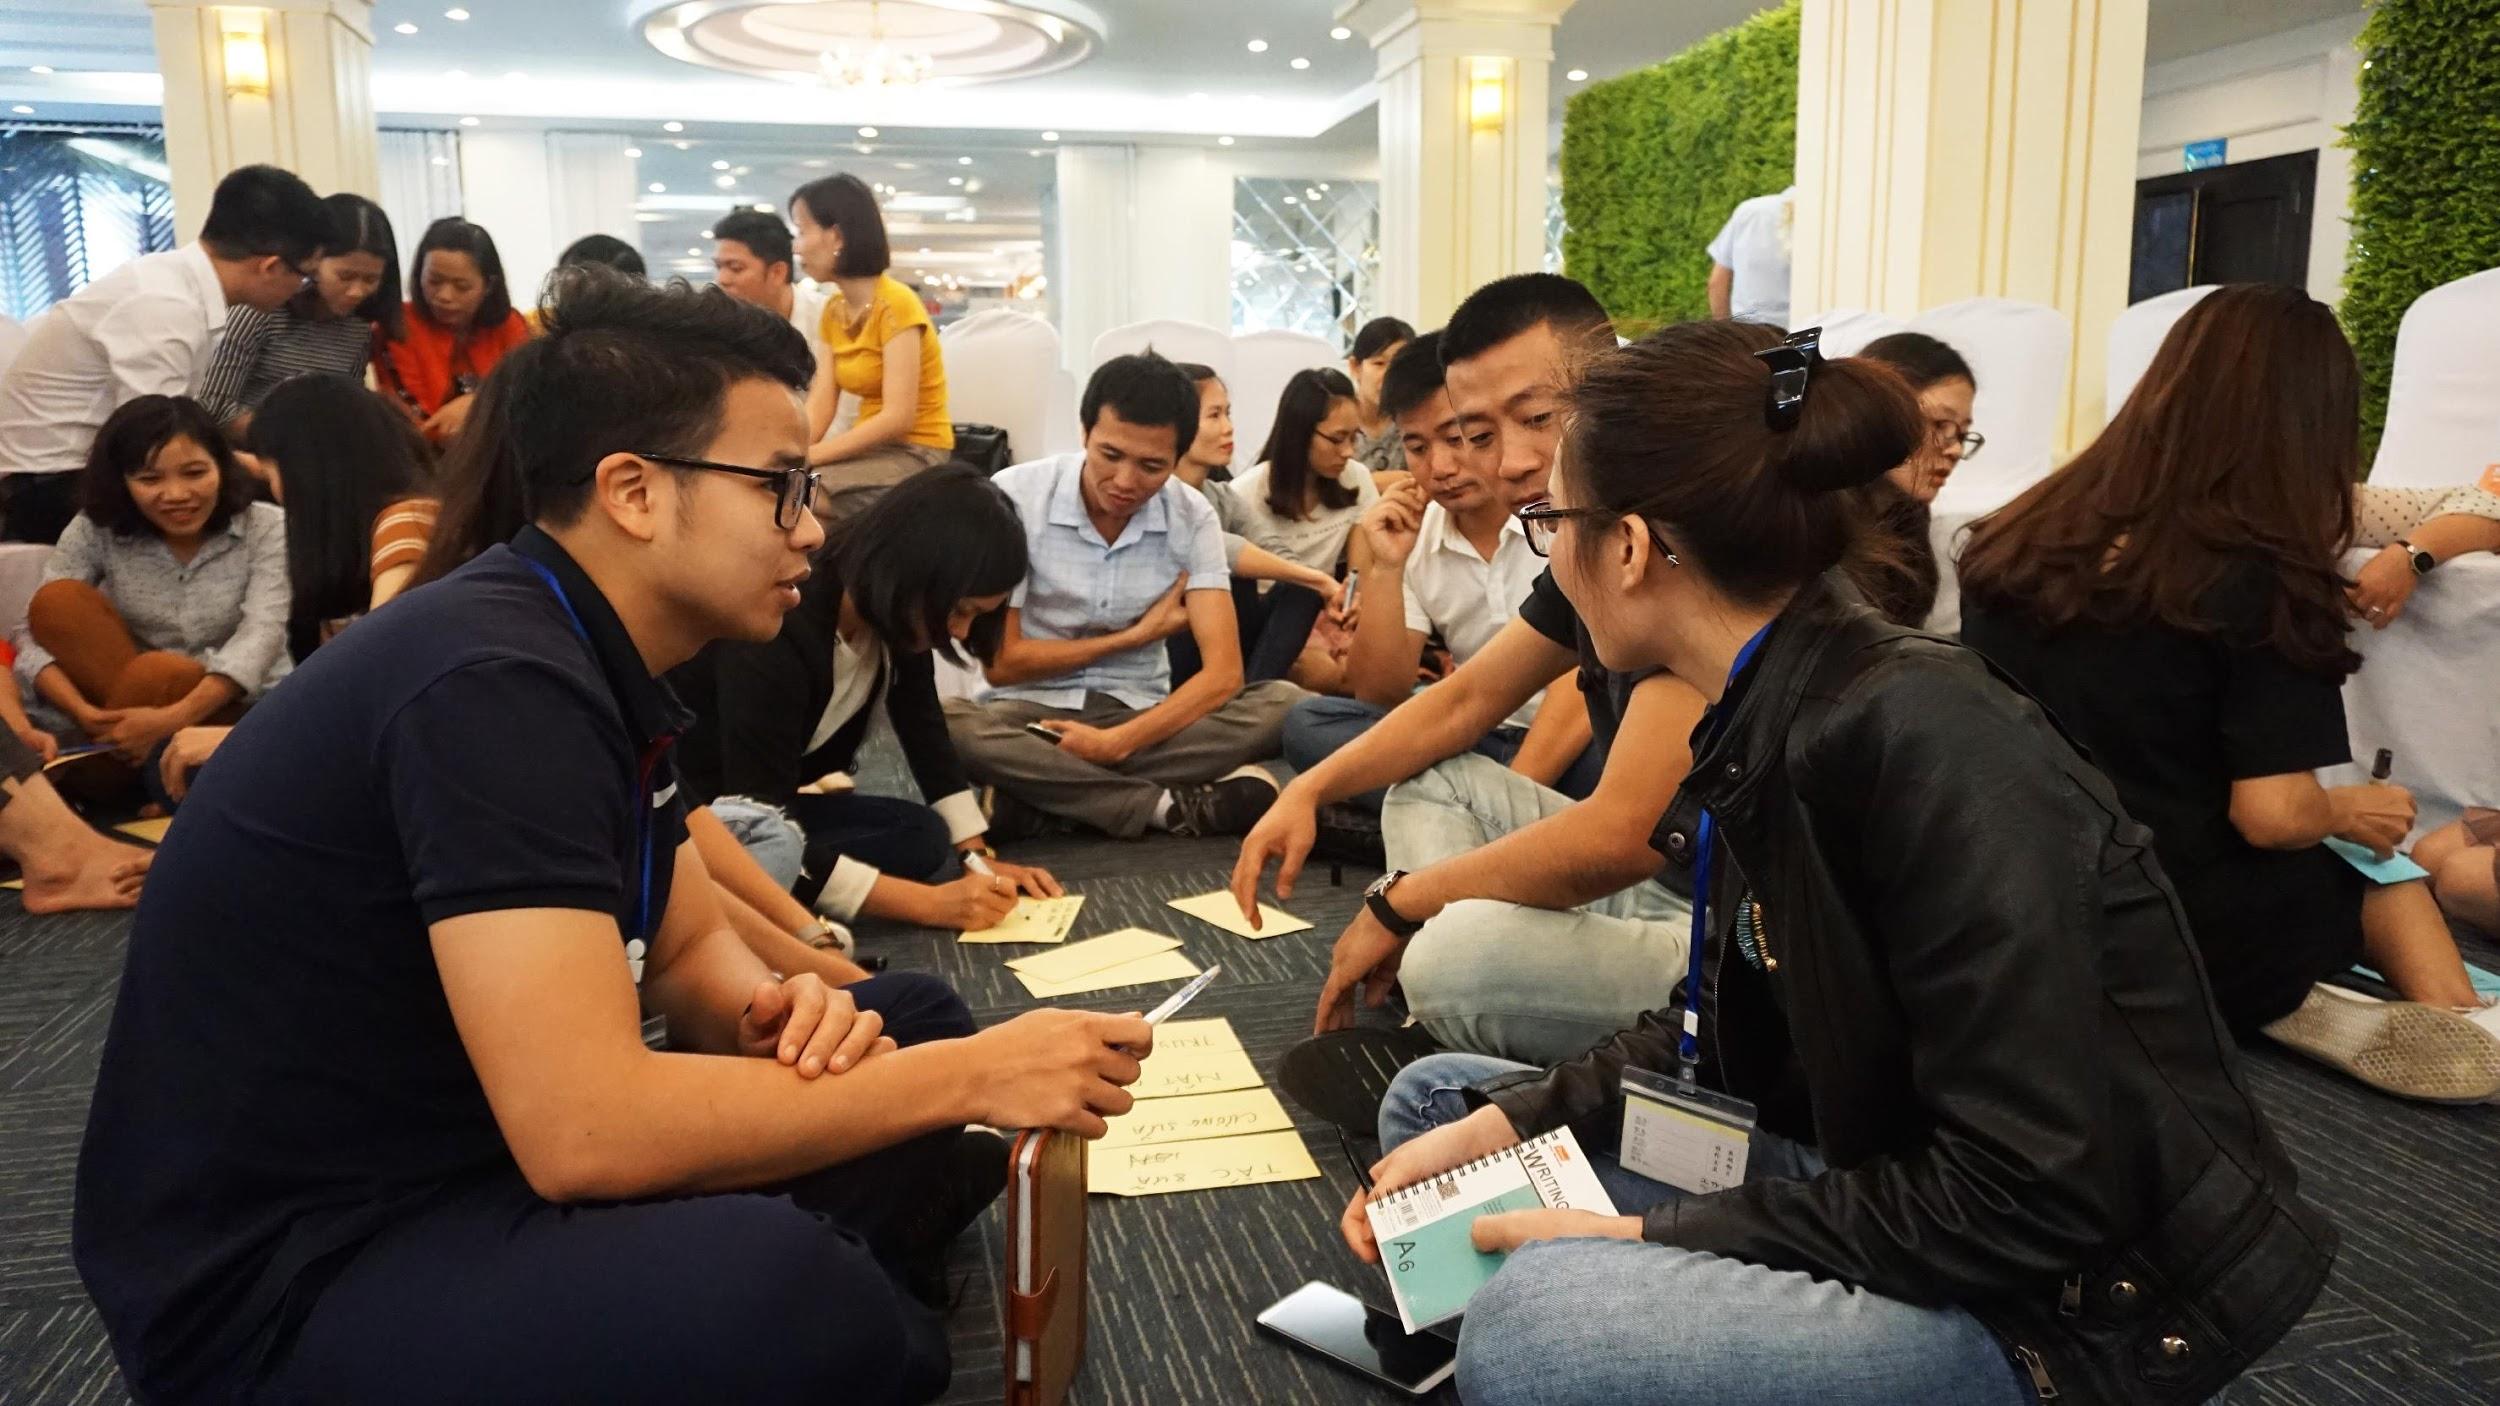 Maxport phối hợp Better Work tổ chức hội thảo về bảo vệ quyền lợi của lao động nữ - Ảnh 1